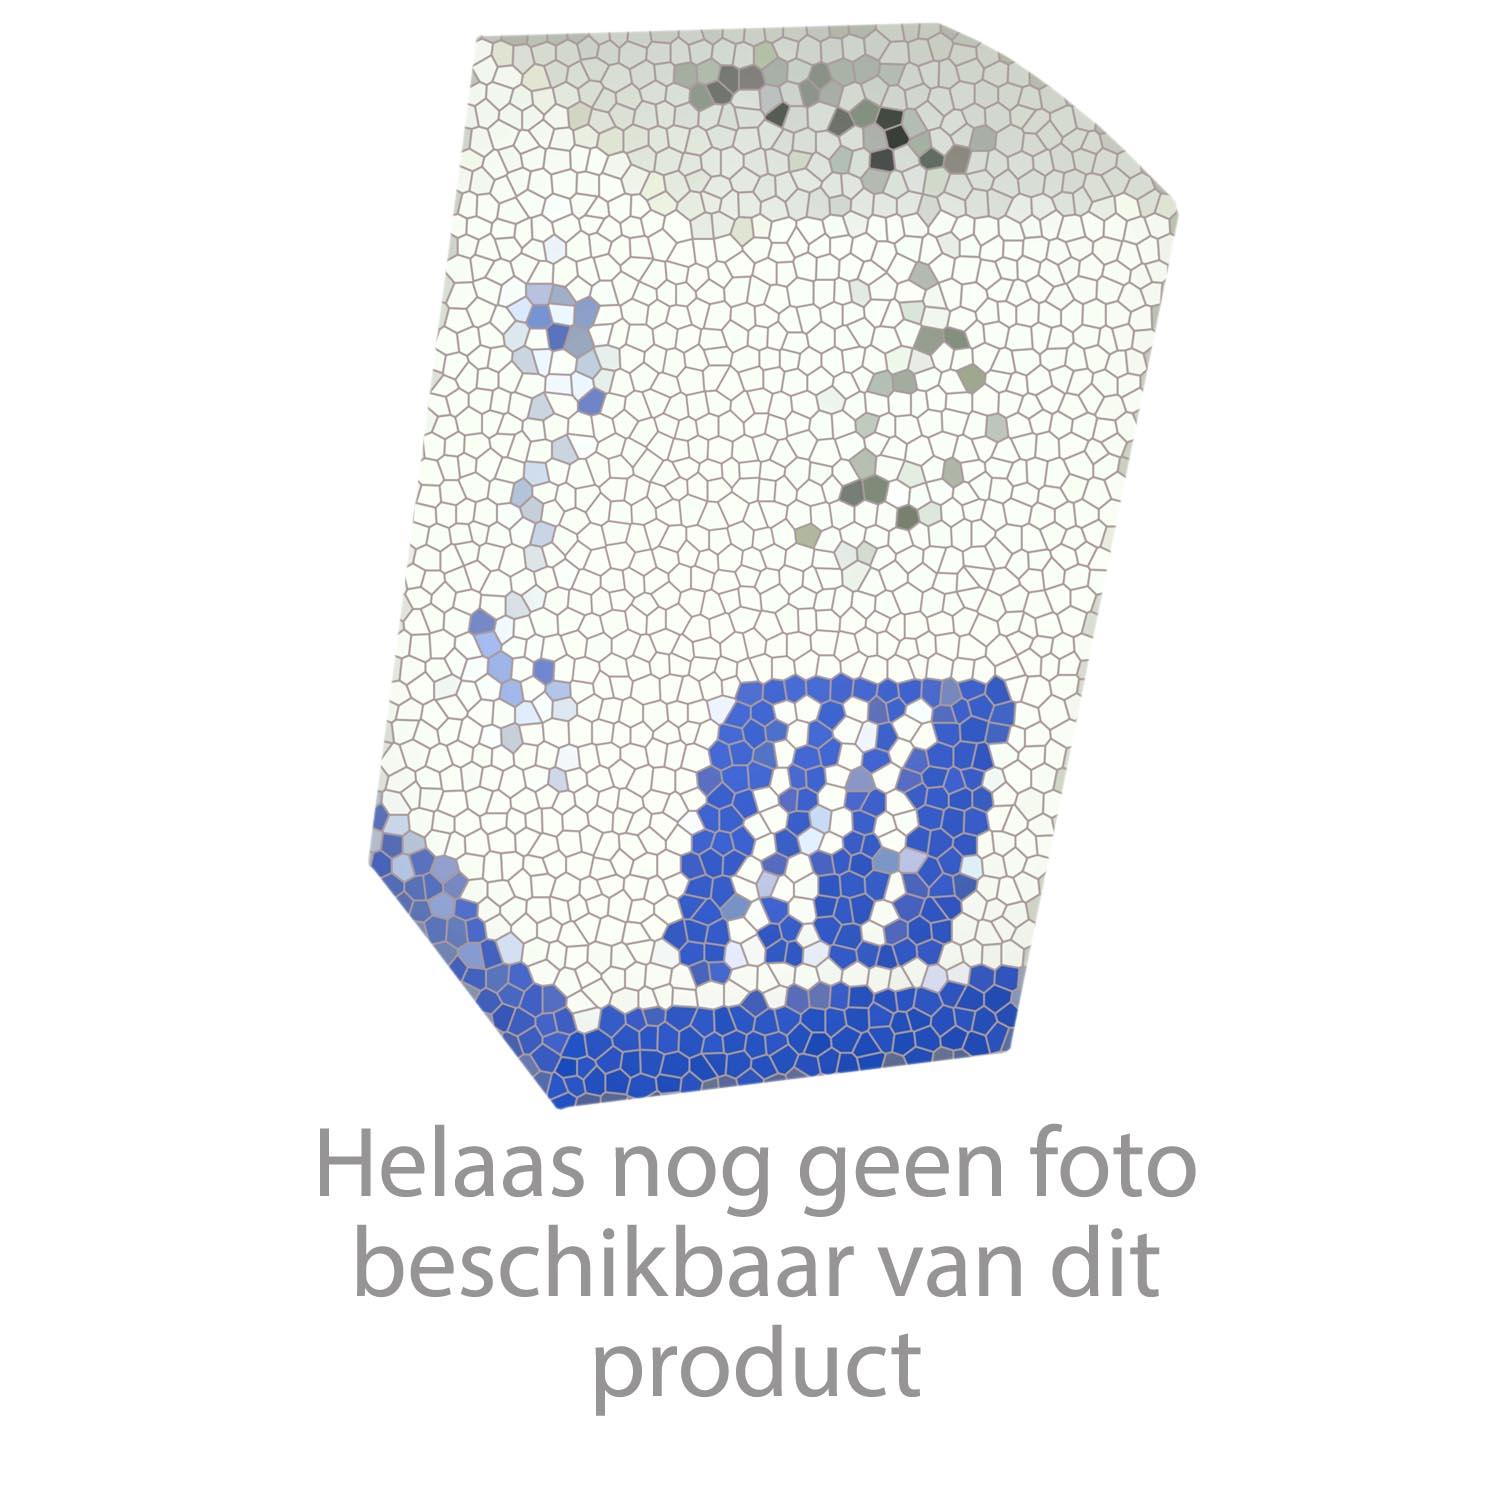 HansGrohe Keukenmengkranen Allegra Elegance productiejaar > 06/01 33810000 onderdelen